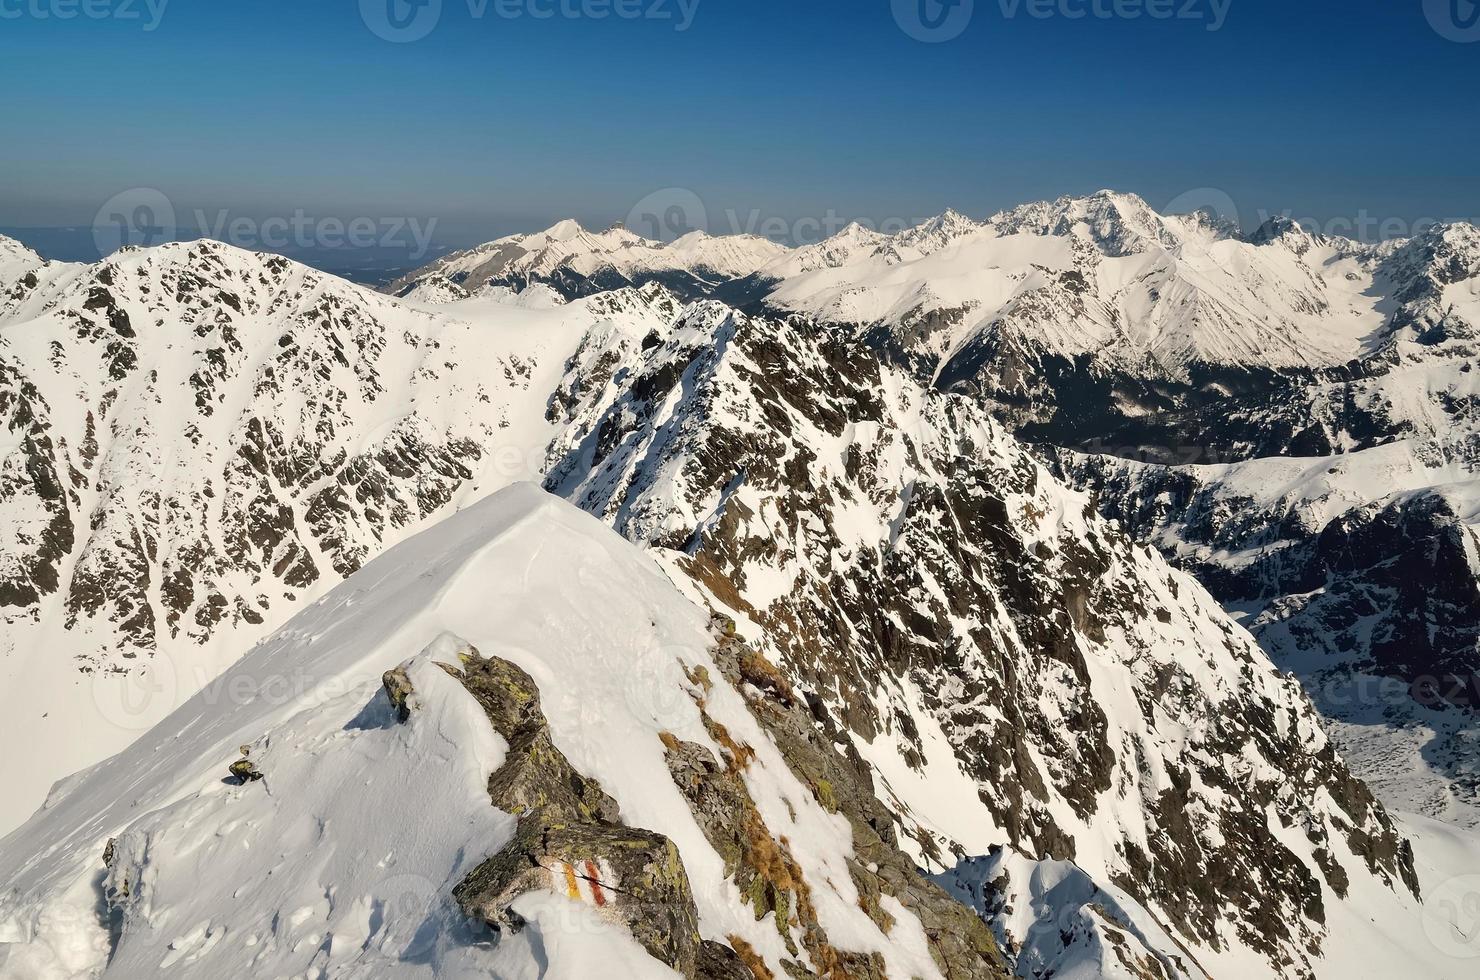 paisagem de inverno nas montanhas. foto